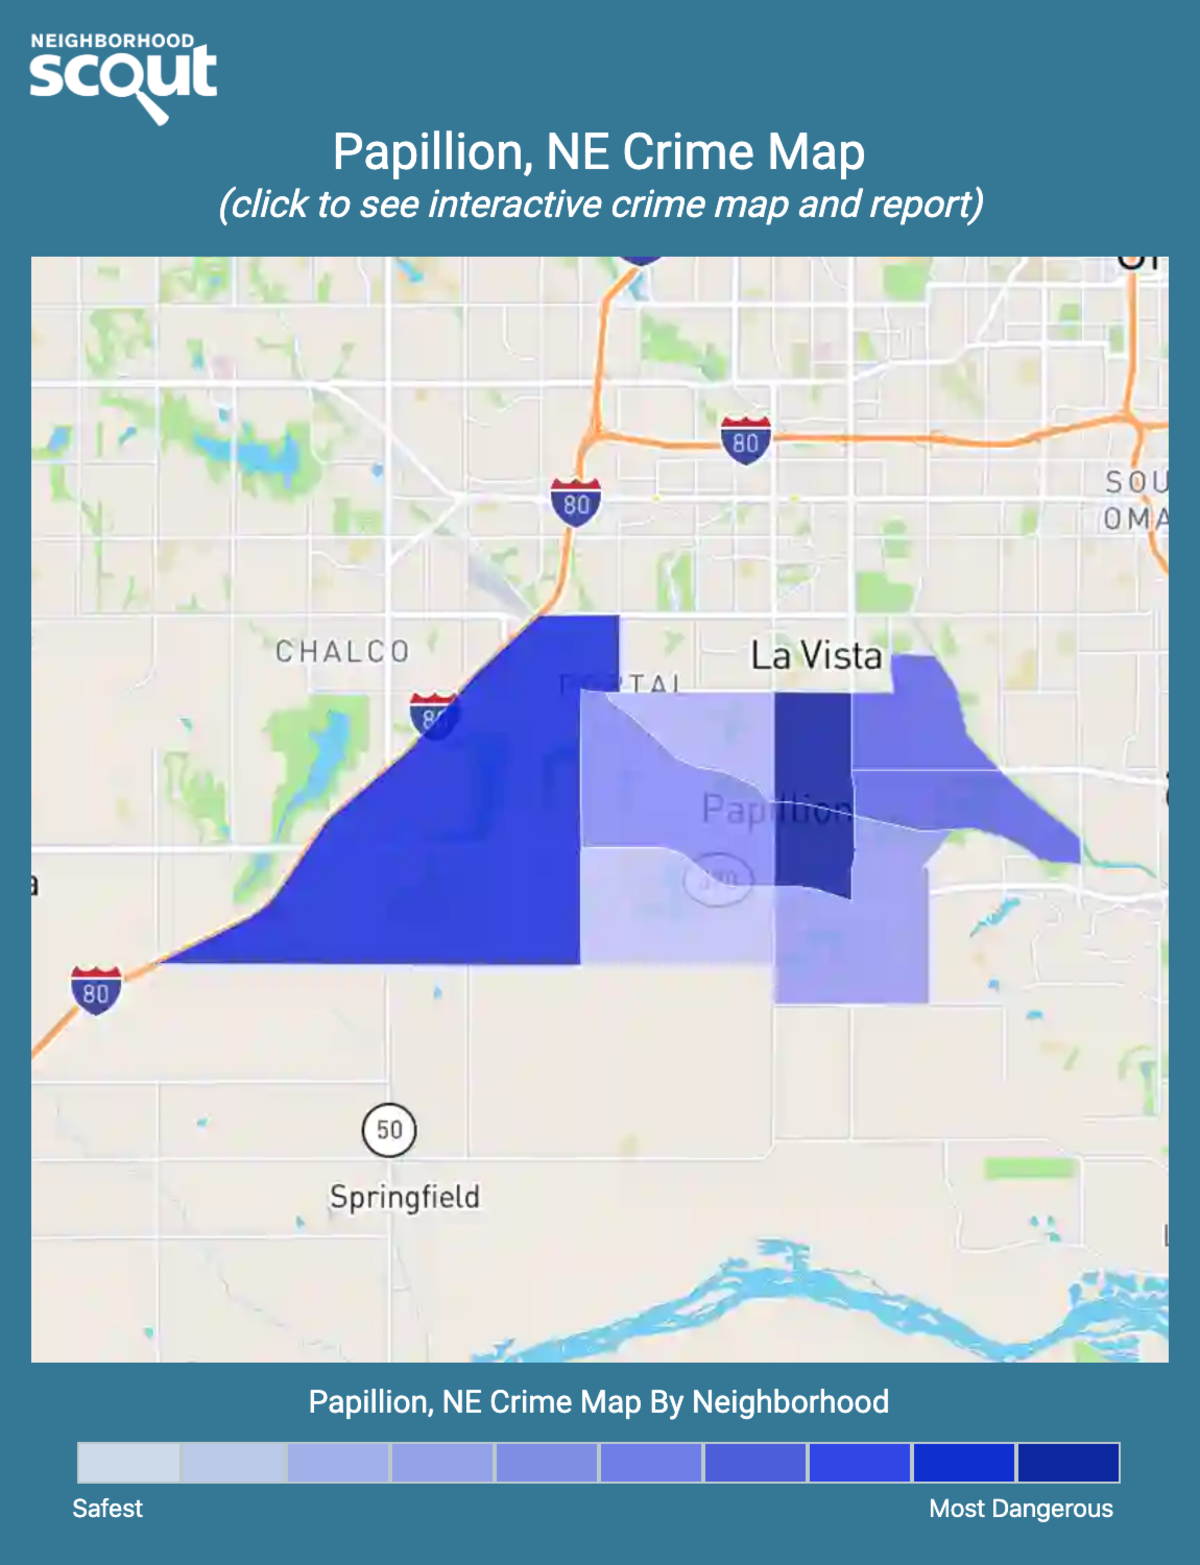 Papillion, Nebraska crime map